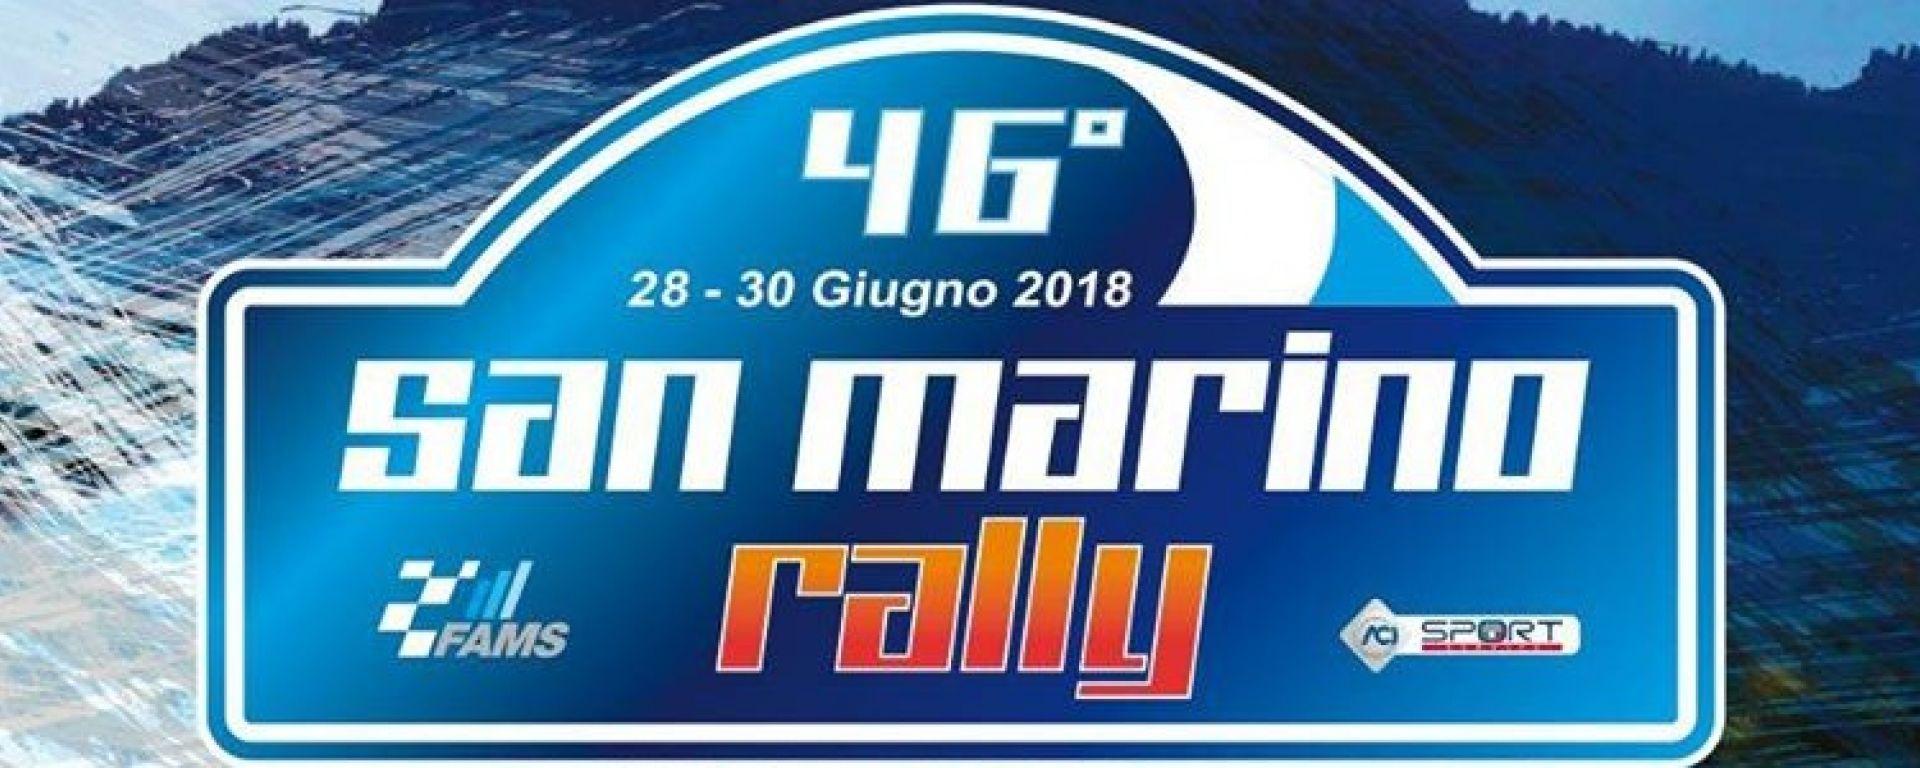 CIR Rally San Marino 2018, tutte le info: programma, orari e risultati prove speciali